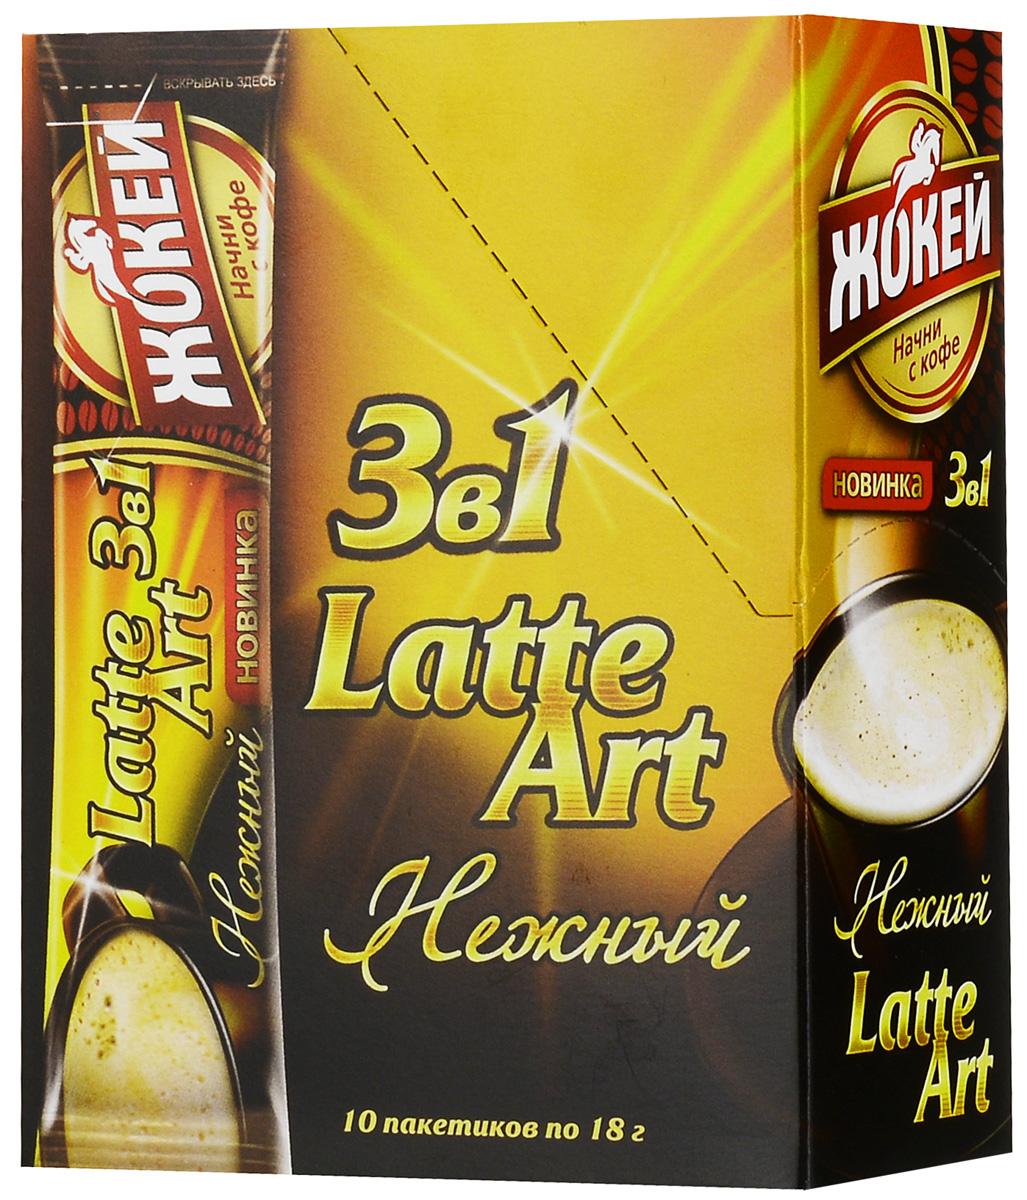 Жокей Latte Art растворимый кофейный напиток со вкусом молока, 10 шт